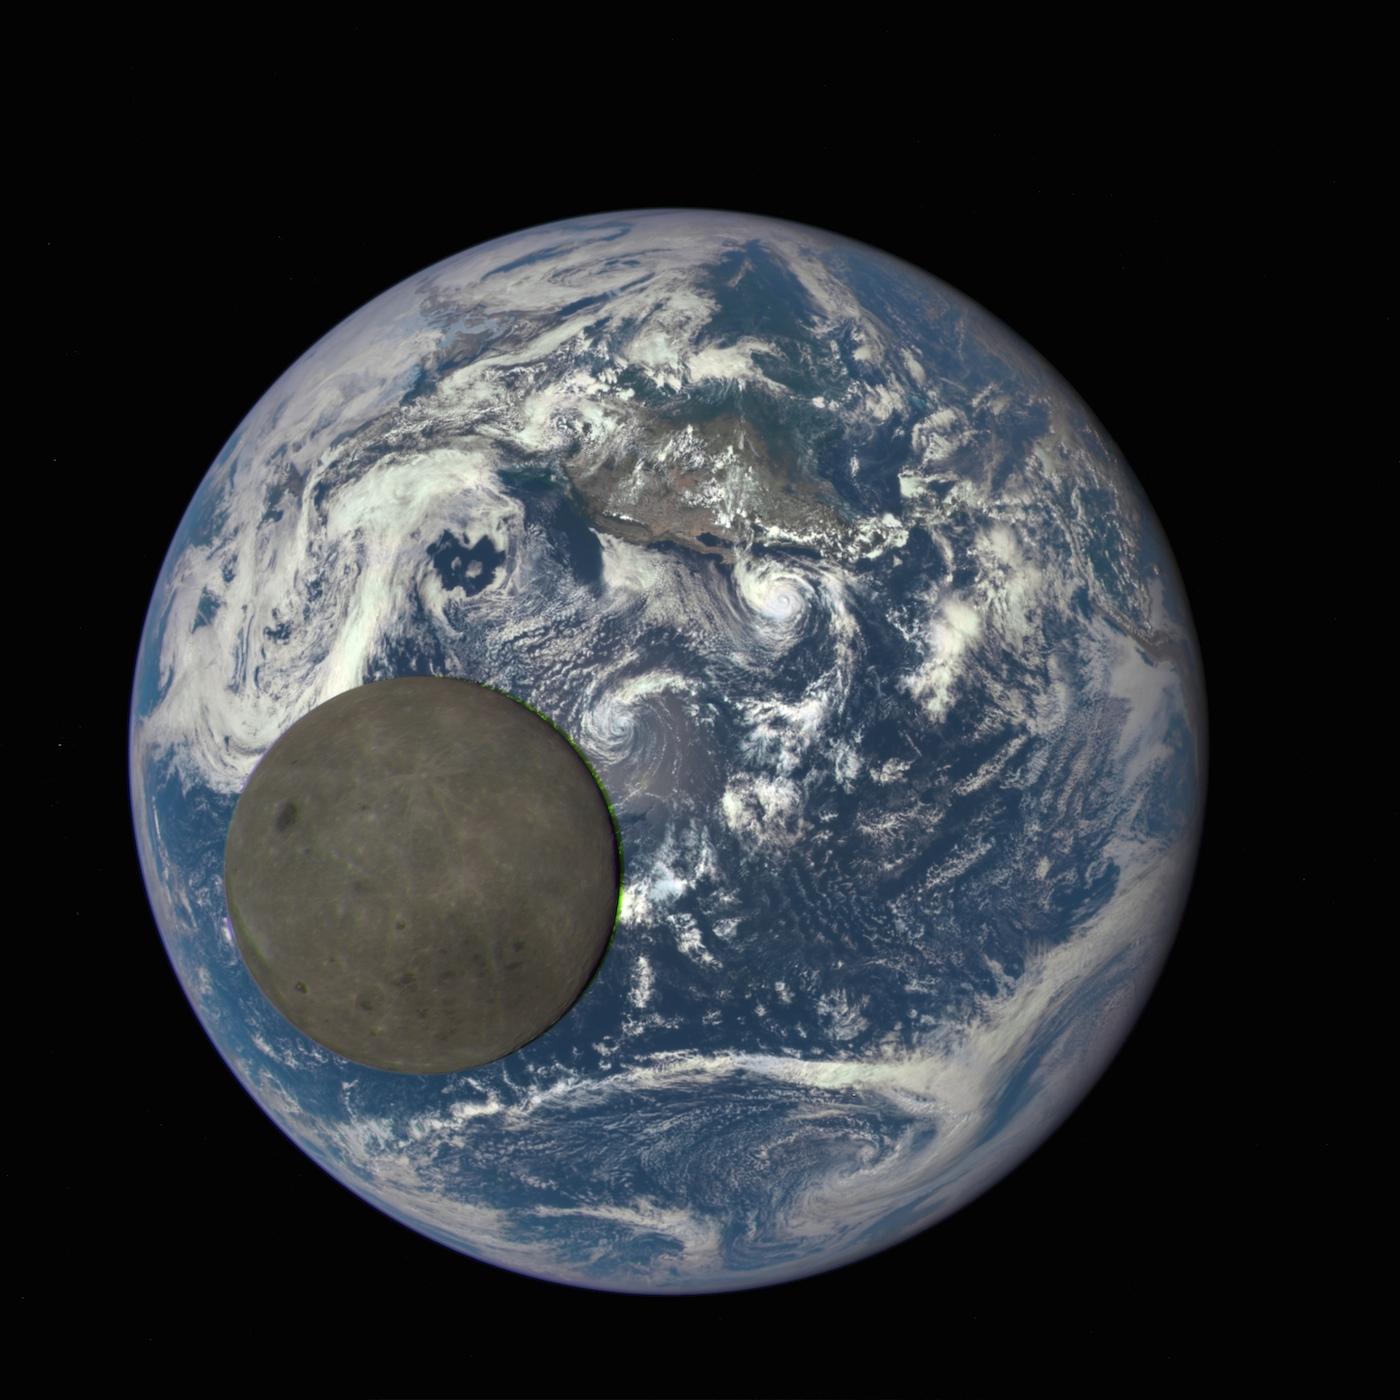 El satélite DSCOVR capta a la Tierra y al lado oculto de la Luna